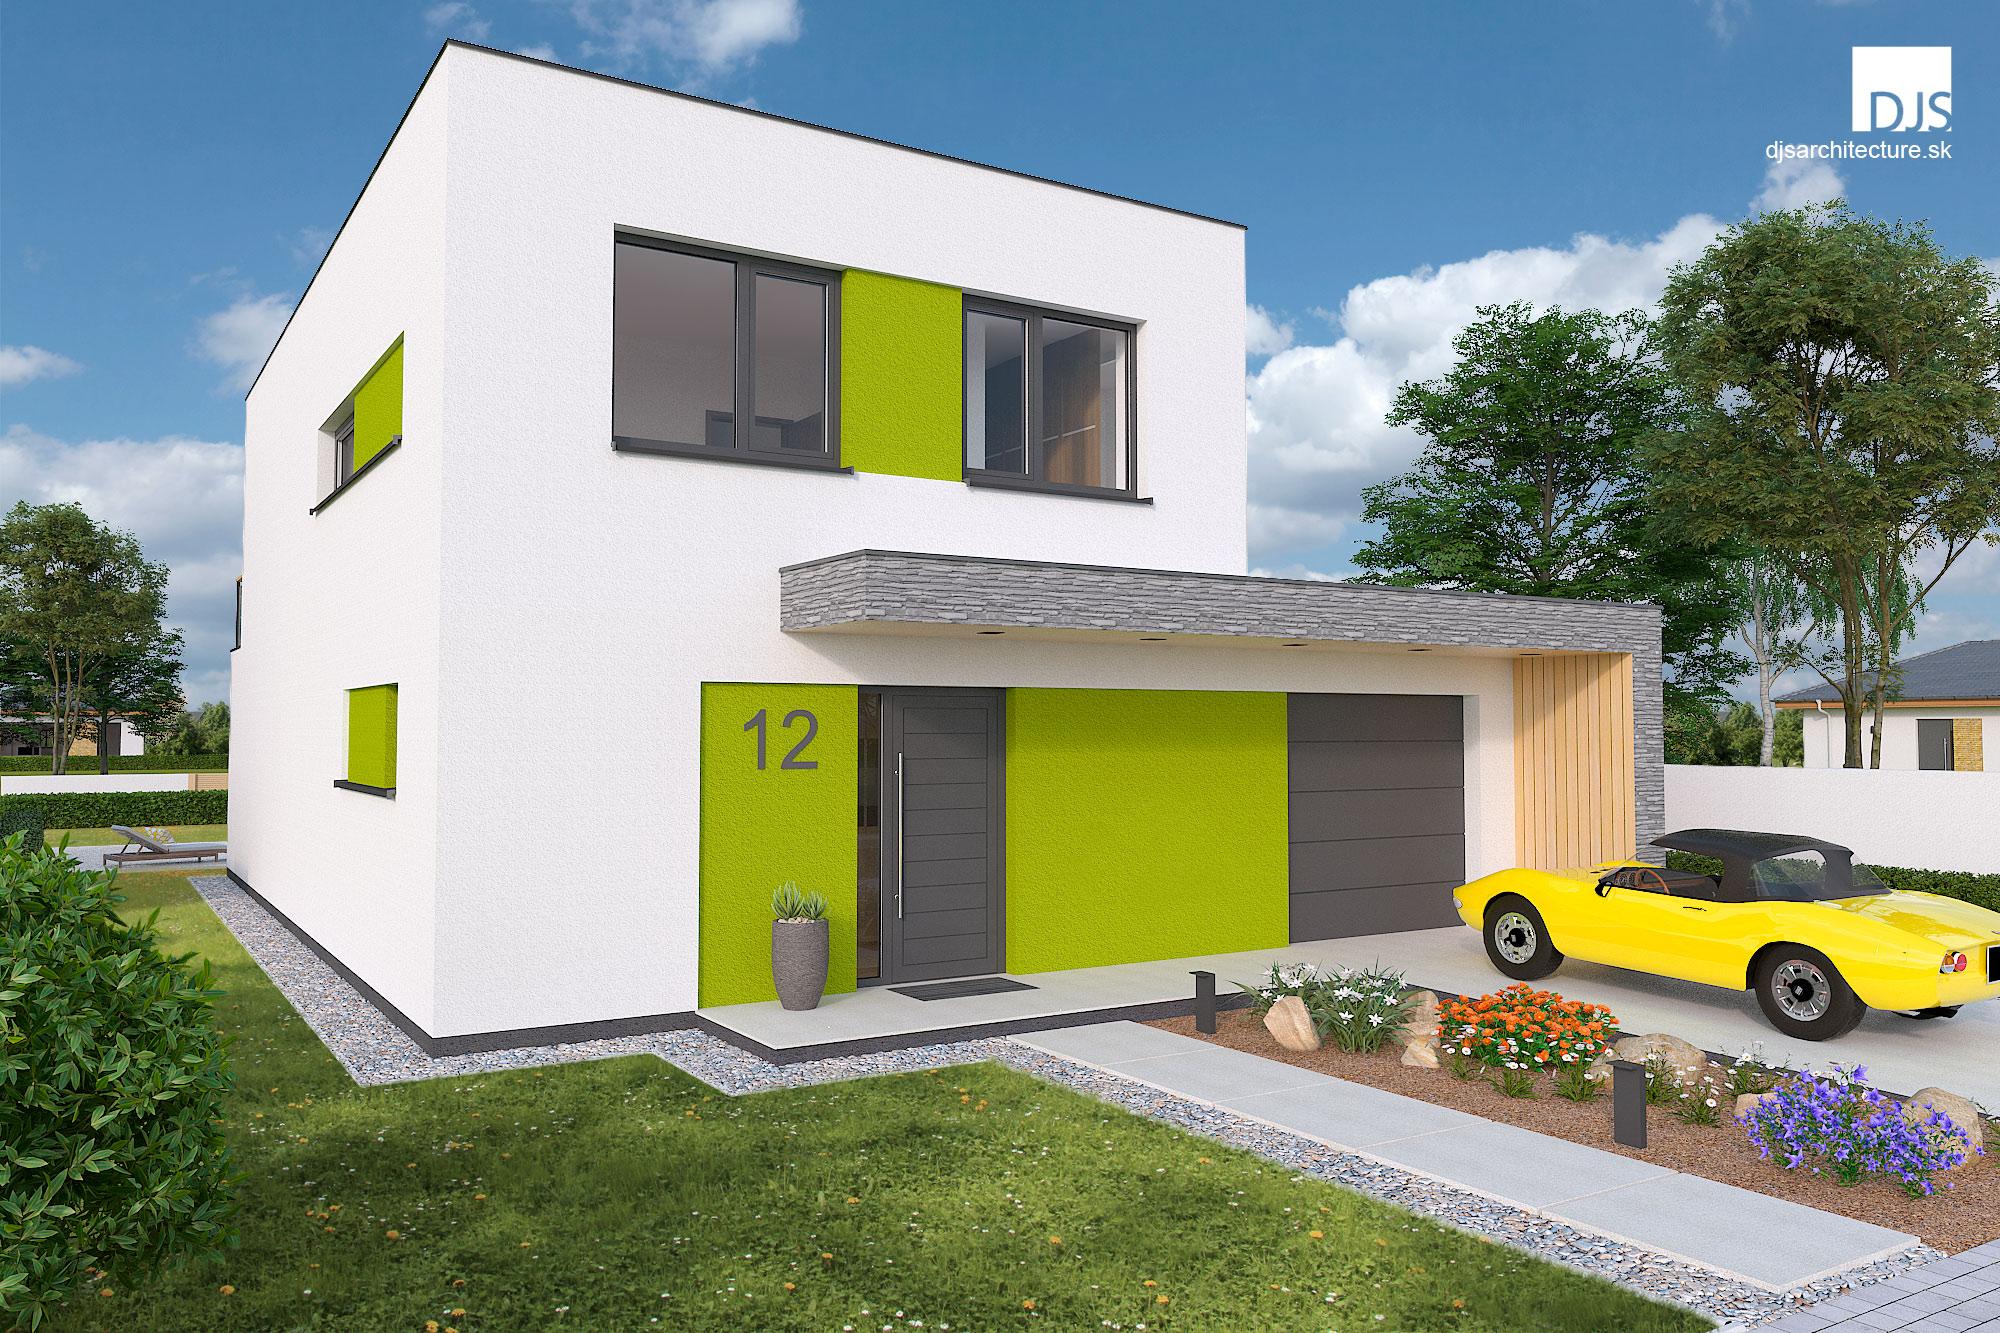 Projekt Moderného Poschodového Domu I2 120 Djs Architecture